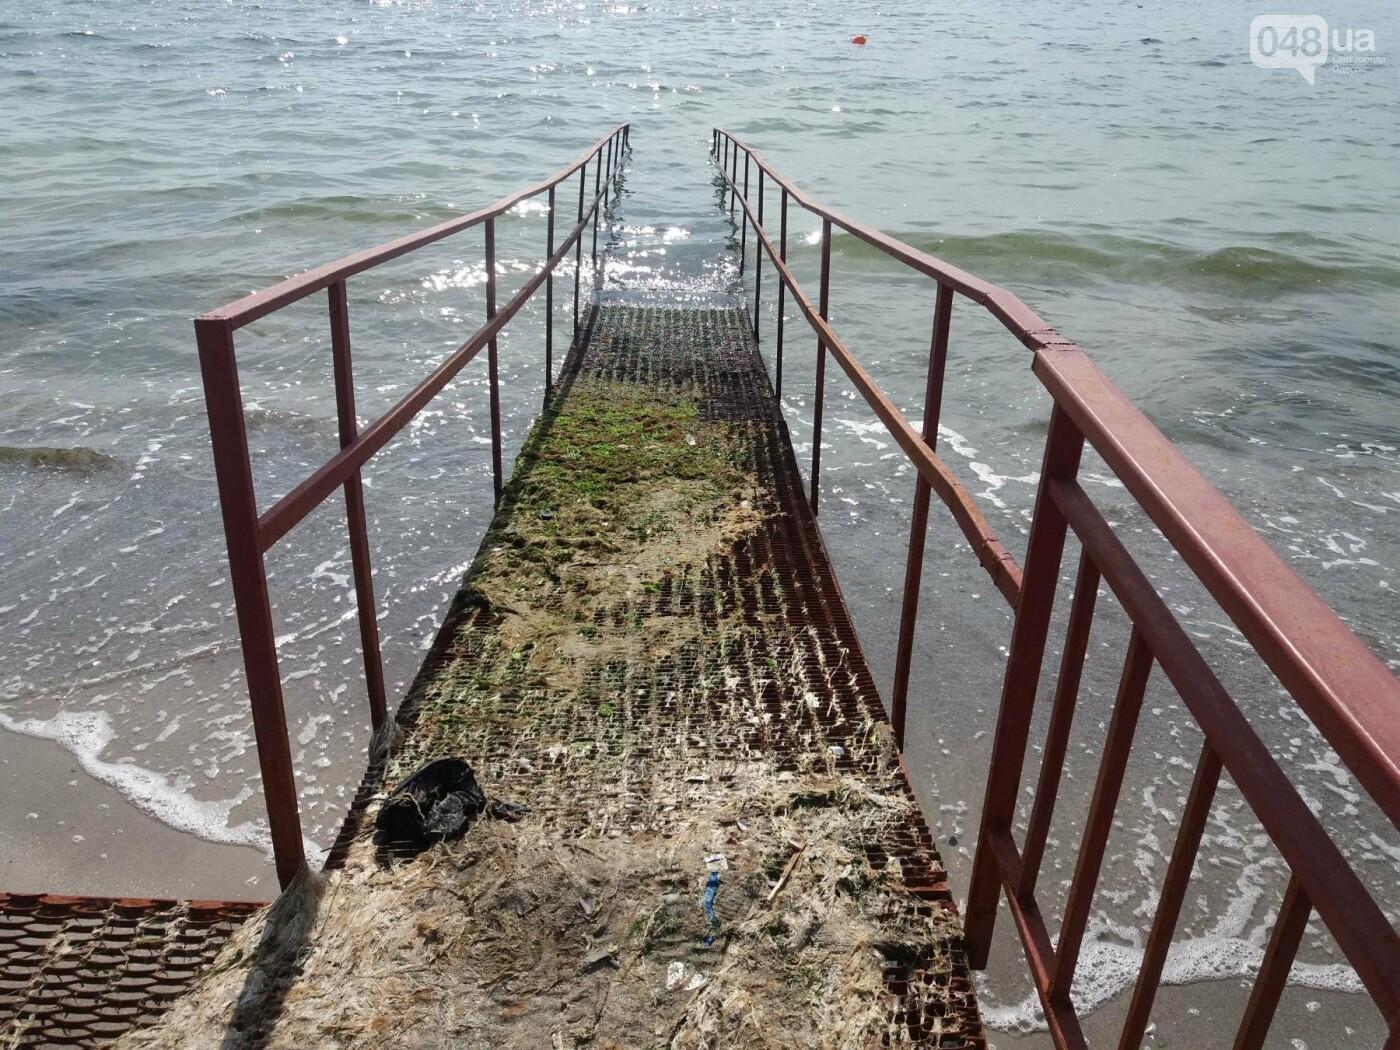 Потрясающий цинизм: как одесские чиновники благоустроили пляж для людей с инвалидностью, - ФОТО , фото-12